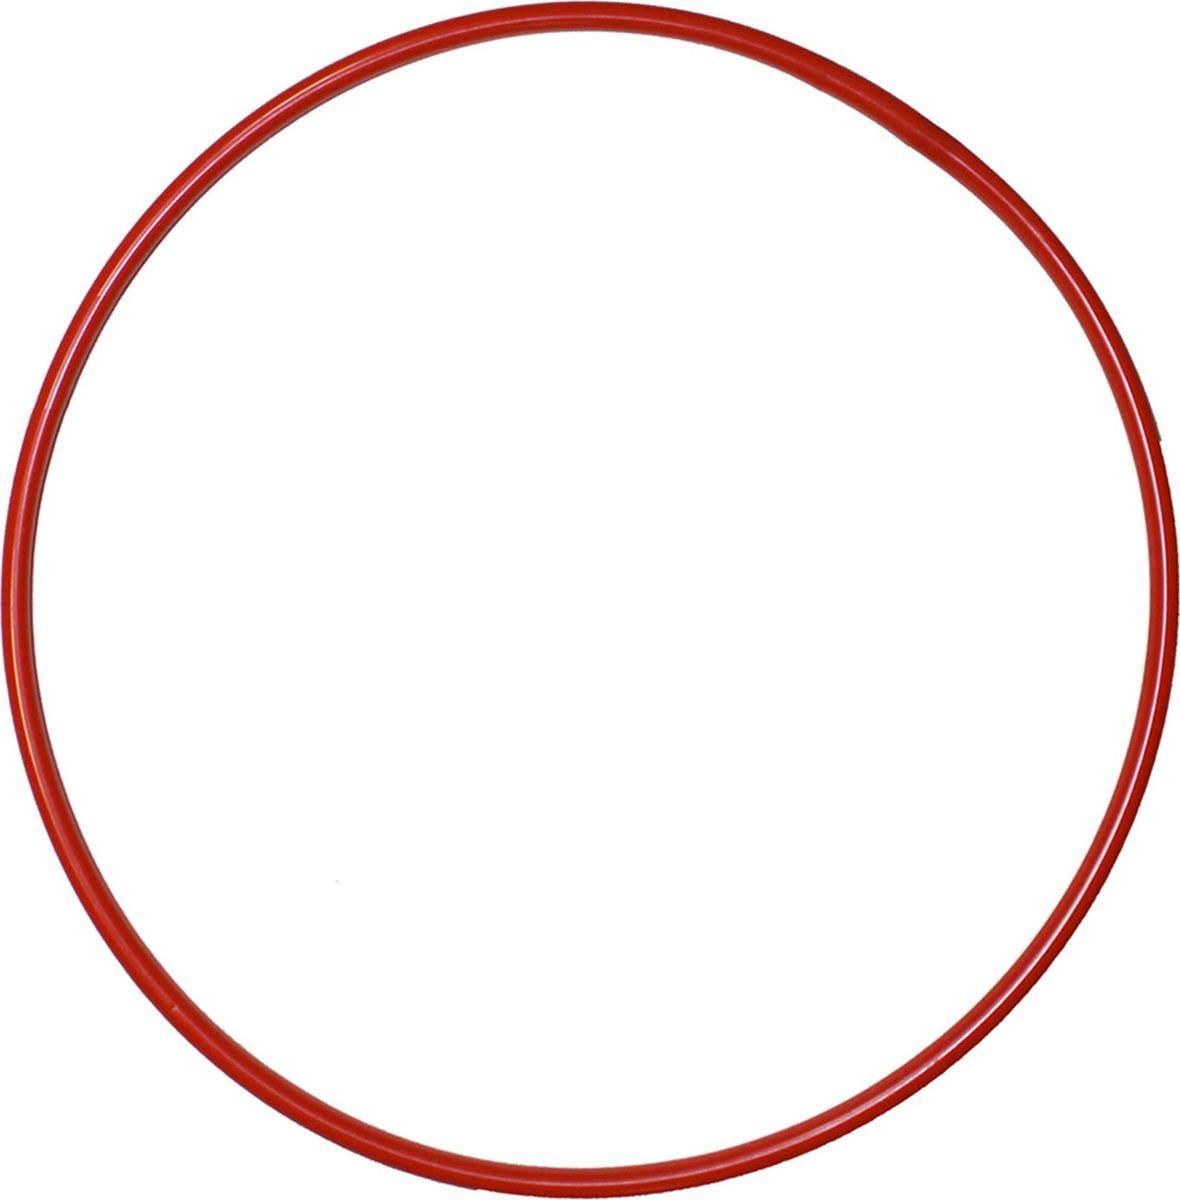 Обруч Пластмастер, 40040, диаметр 50 см, цвет в ассортименте обруч пластмастер 40040 диаметр 50 см цвет в ассортименте